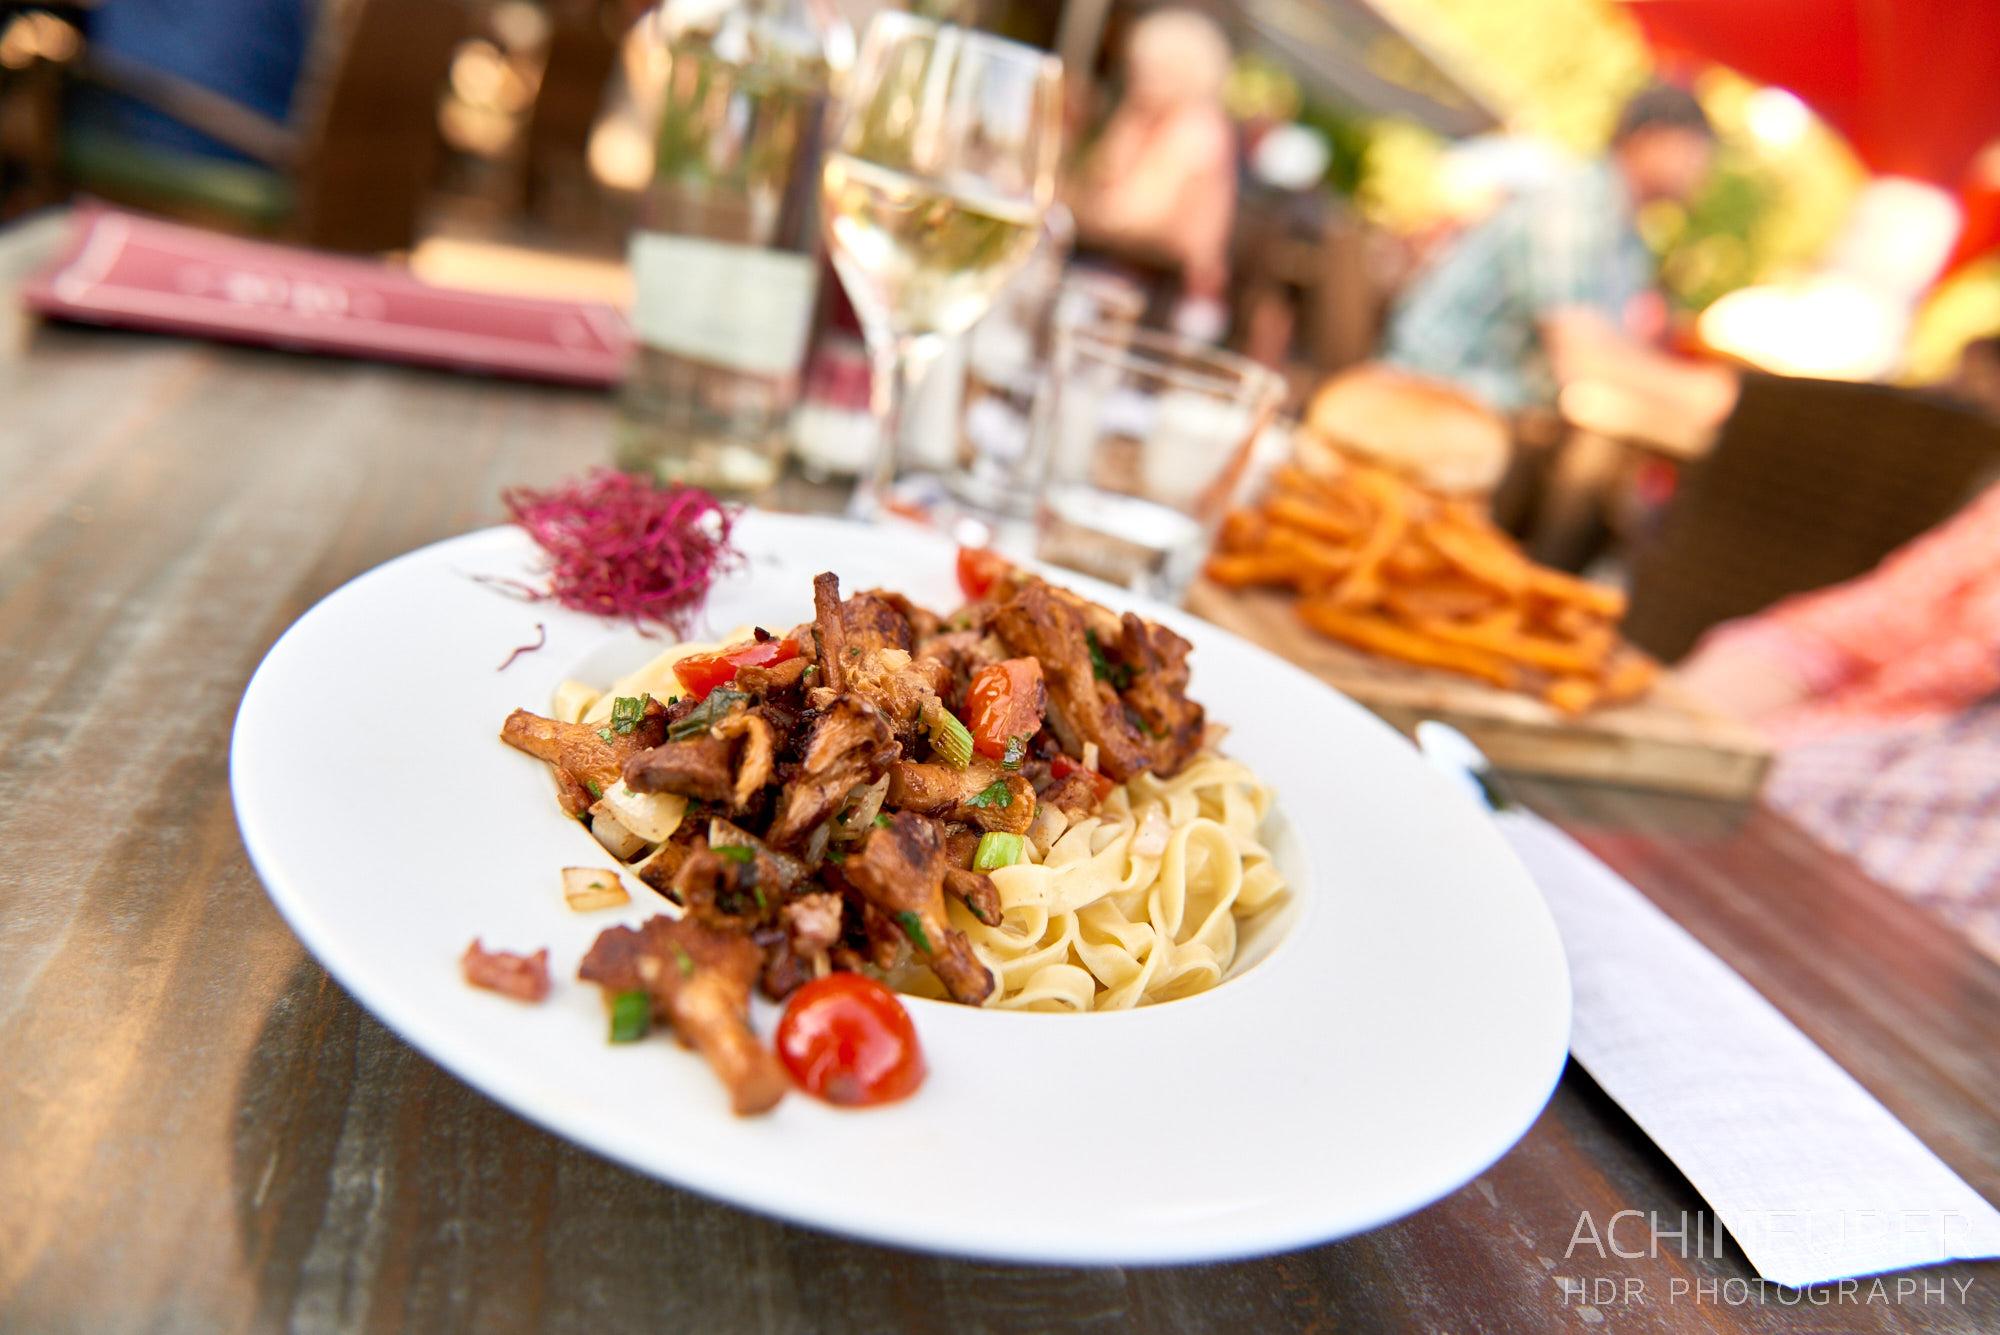 Food - Impressionen aus Mülheim a.d. Ruhr, Ruhrgebiet , NRW by AchimMeurer.com .